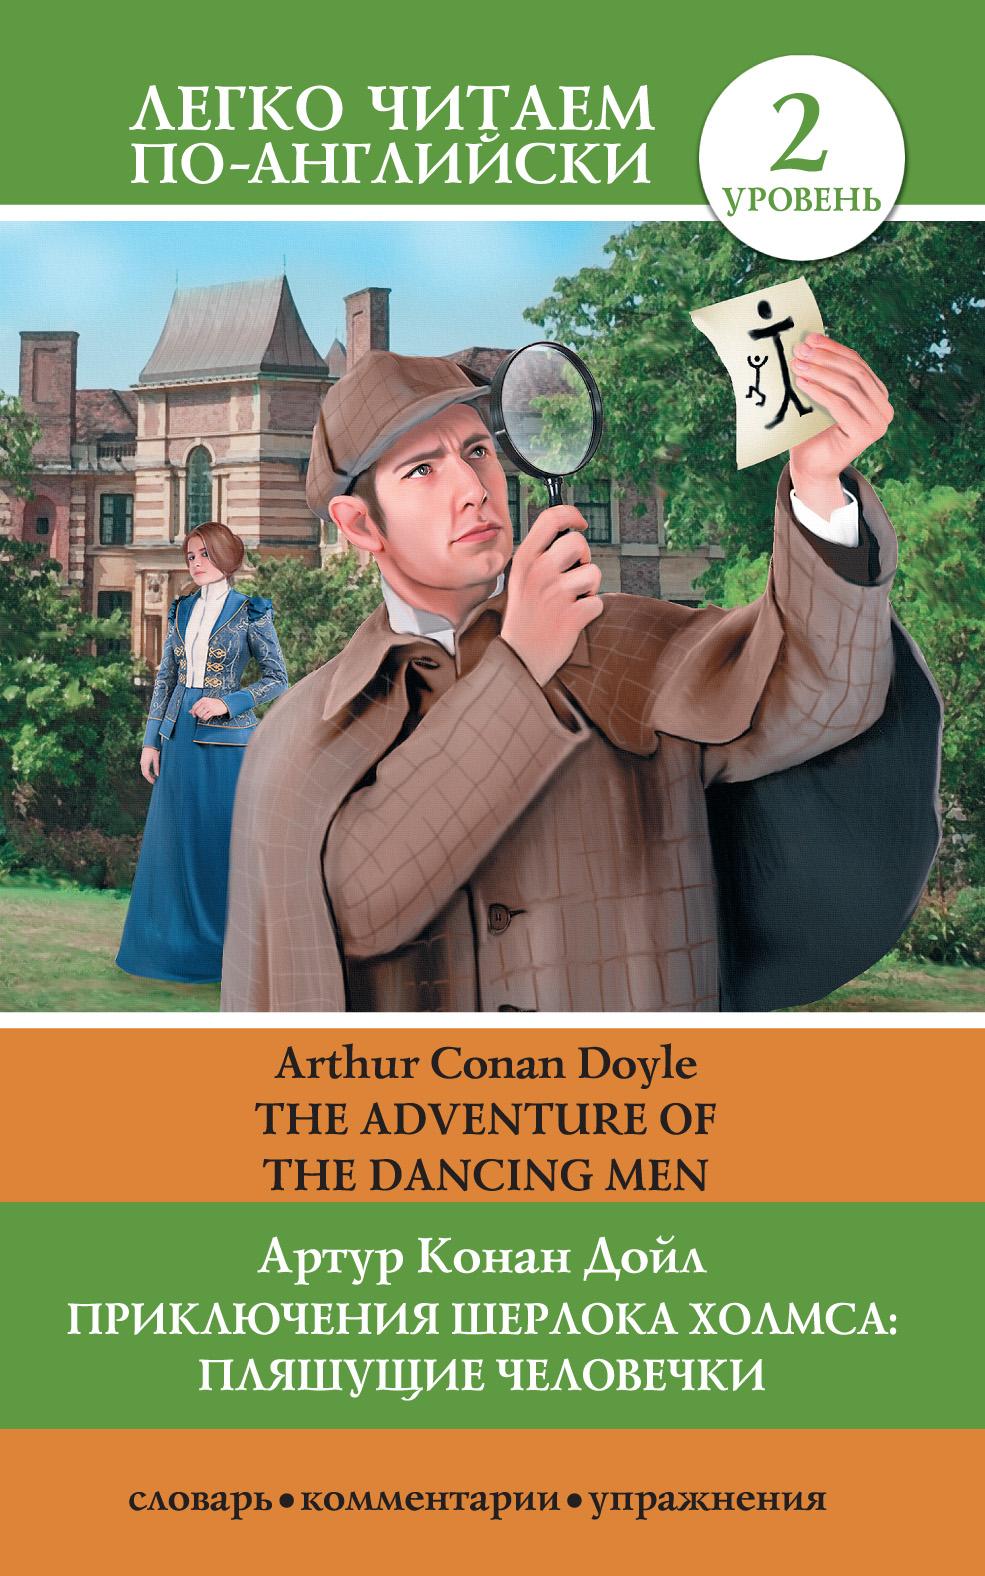 Артур Конан Дойл Приключения Шерлока Холмса Пляшущие человечки  The Adventure of the Dancing Men